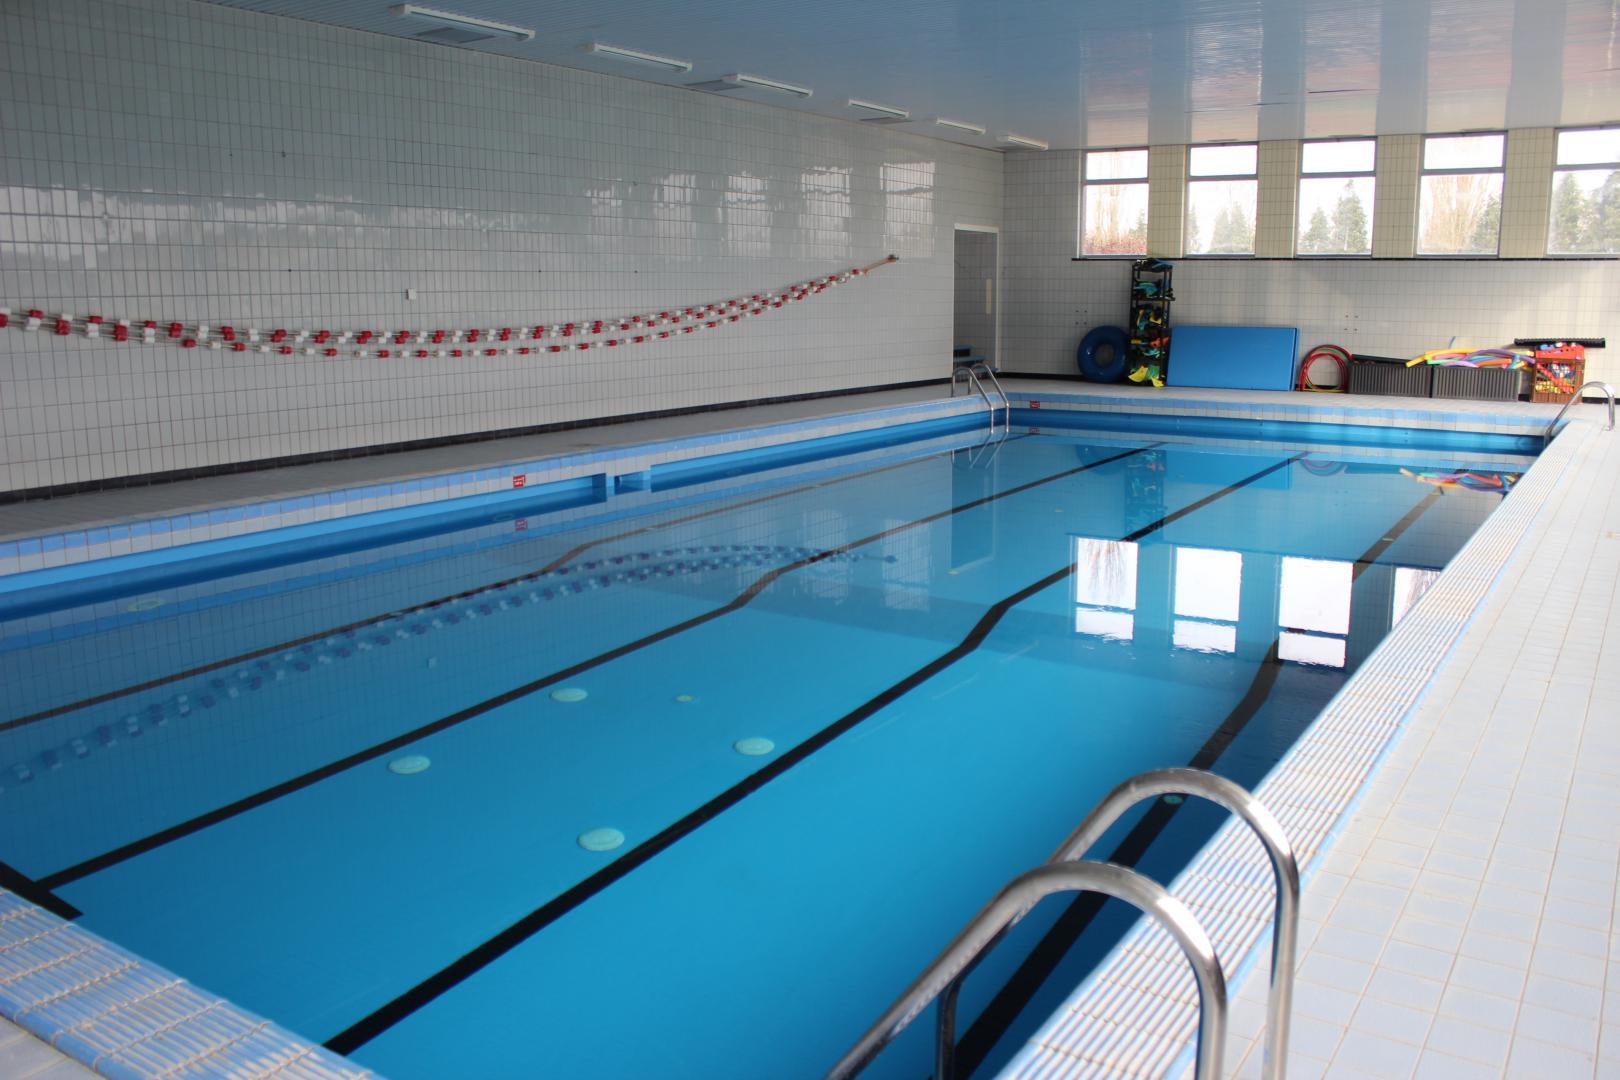 Coll ge de bonne esp rance binche for Construction piscine fontenay le comte